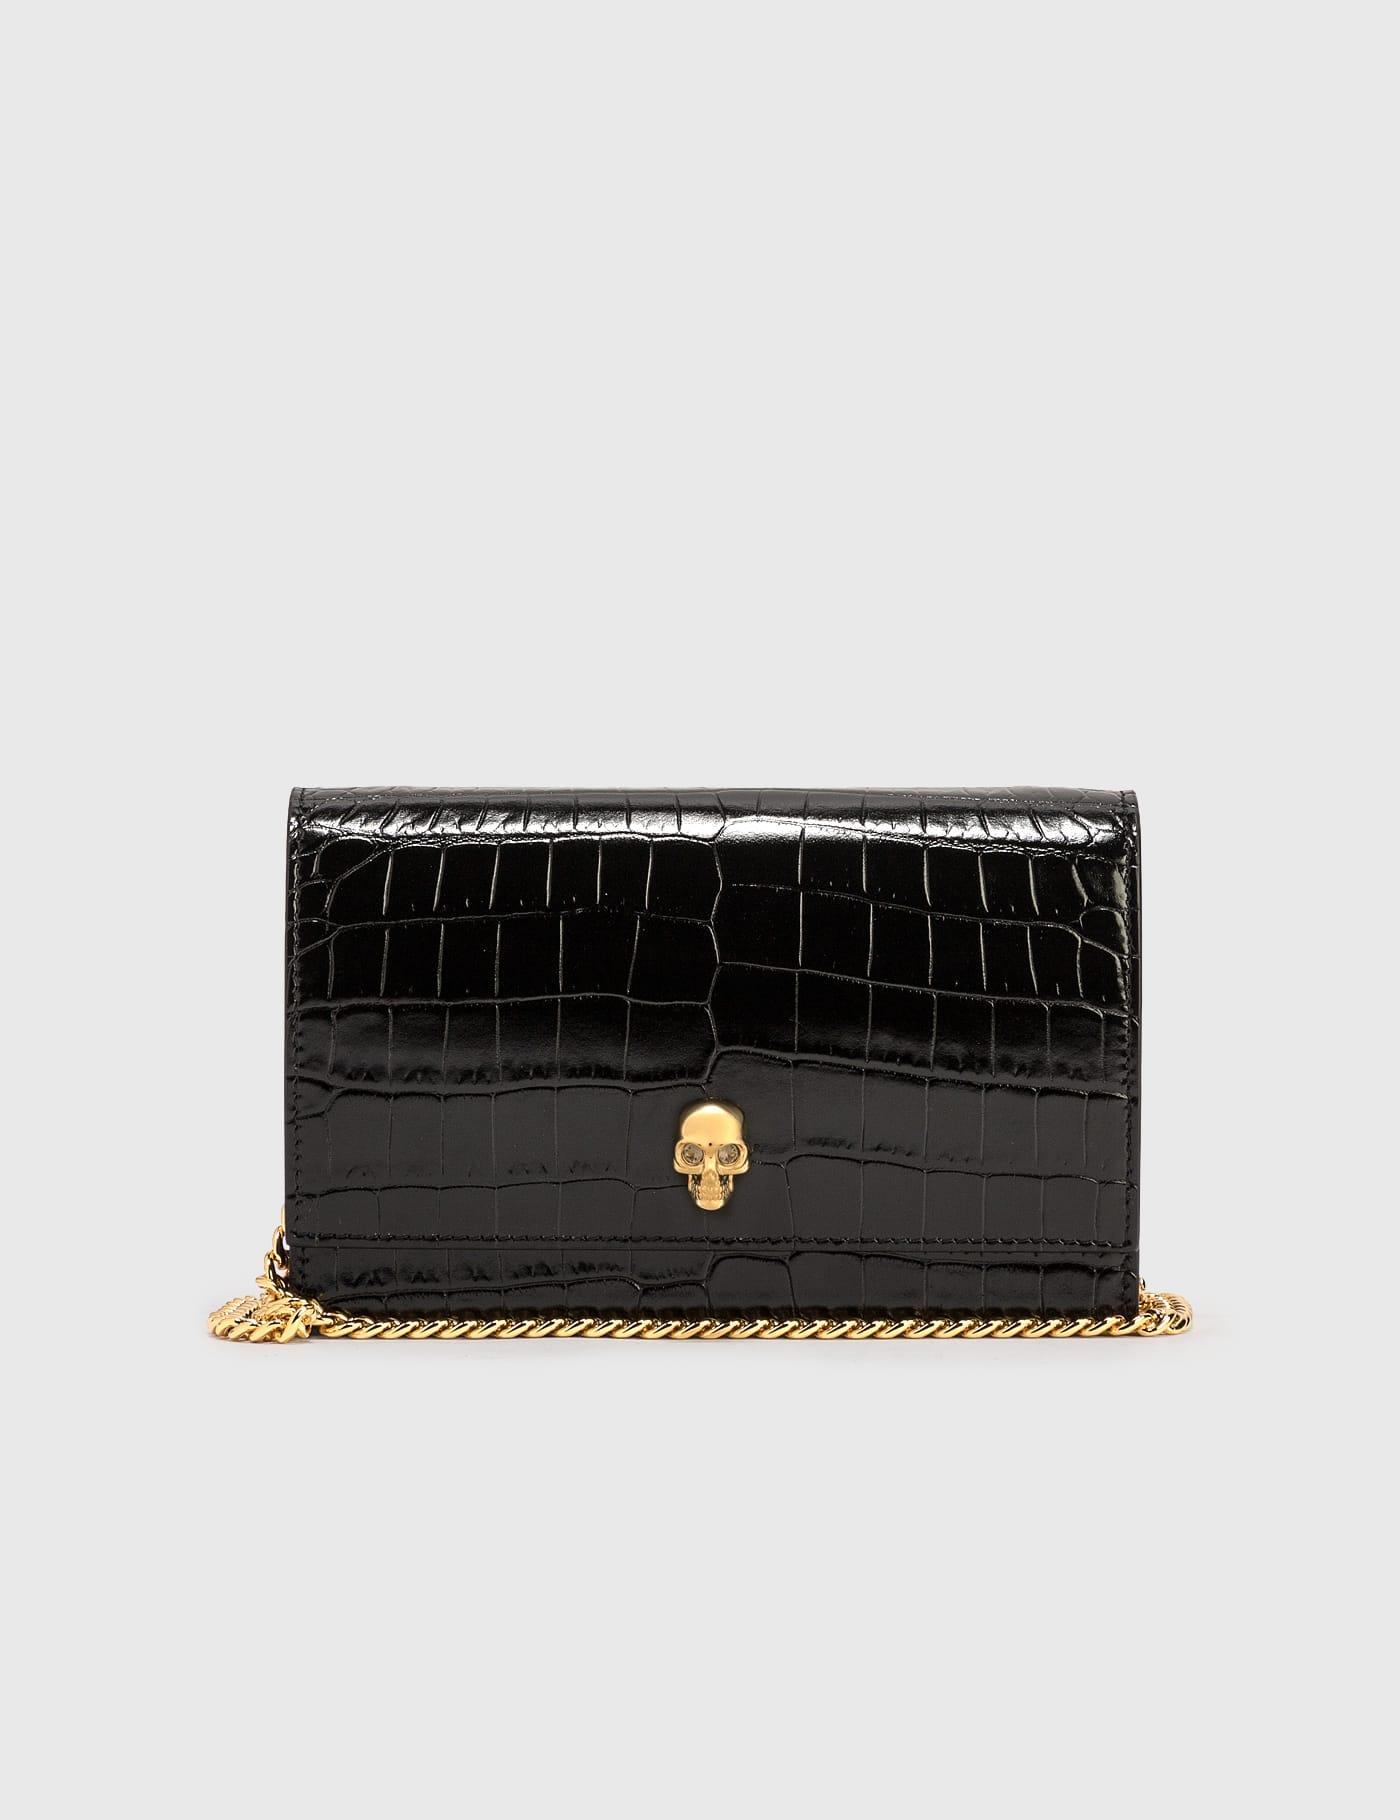 알렉산더 맥퀸 Alexander McQueen Skull Mini Bag